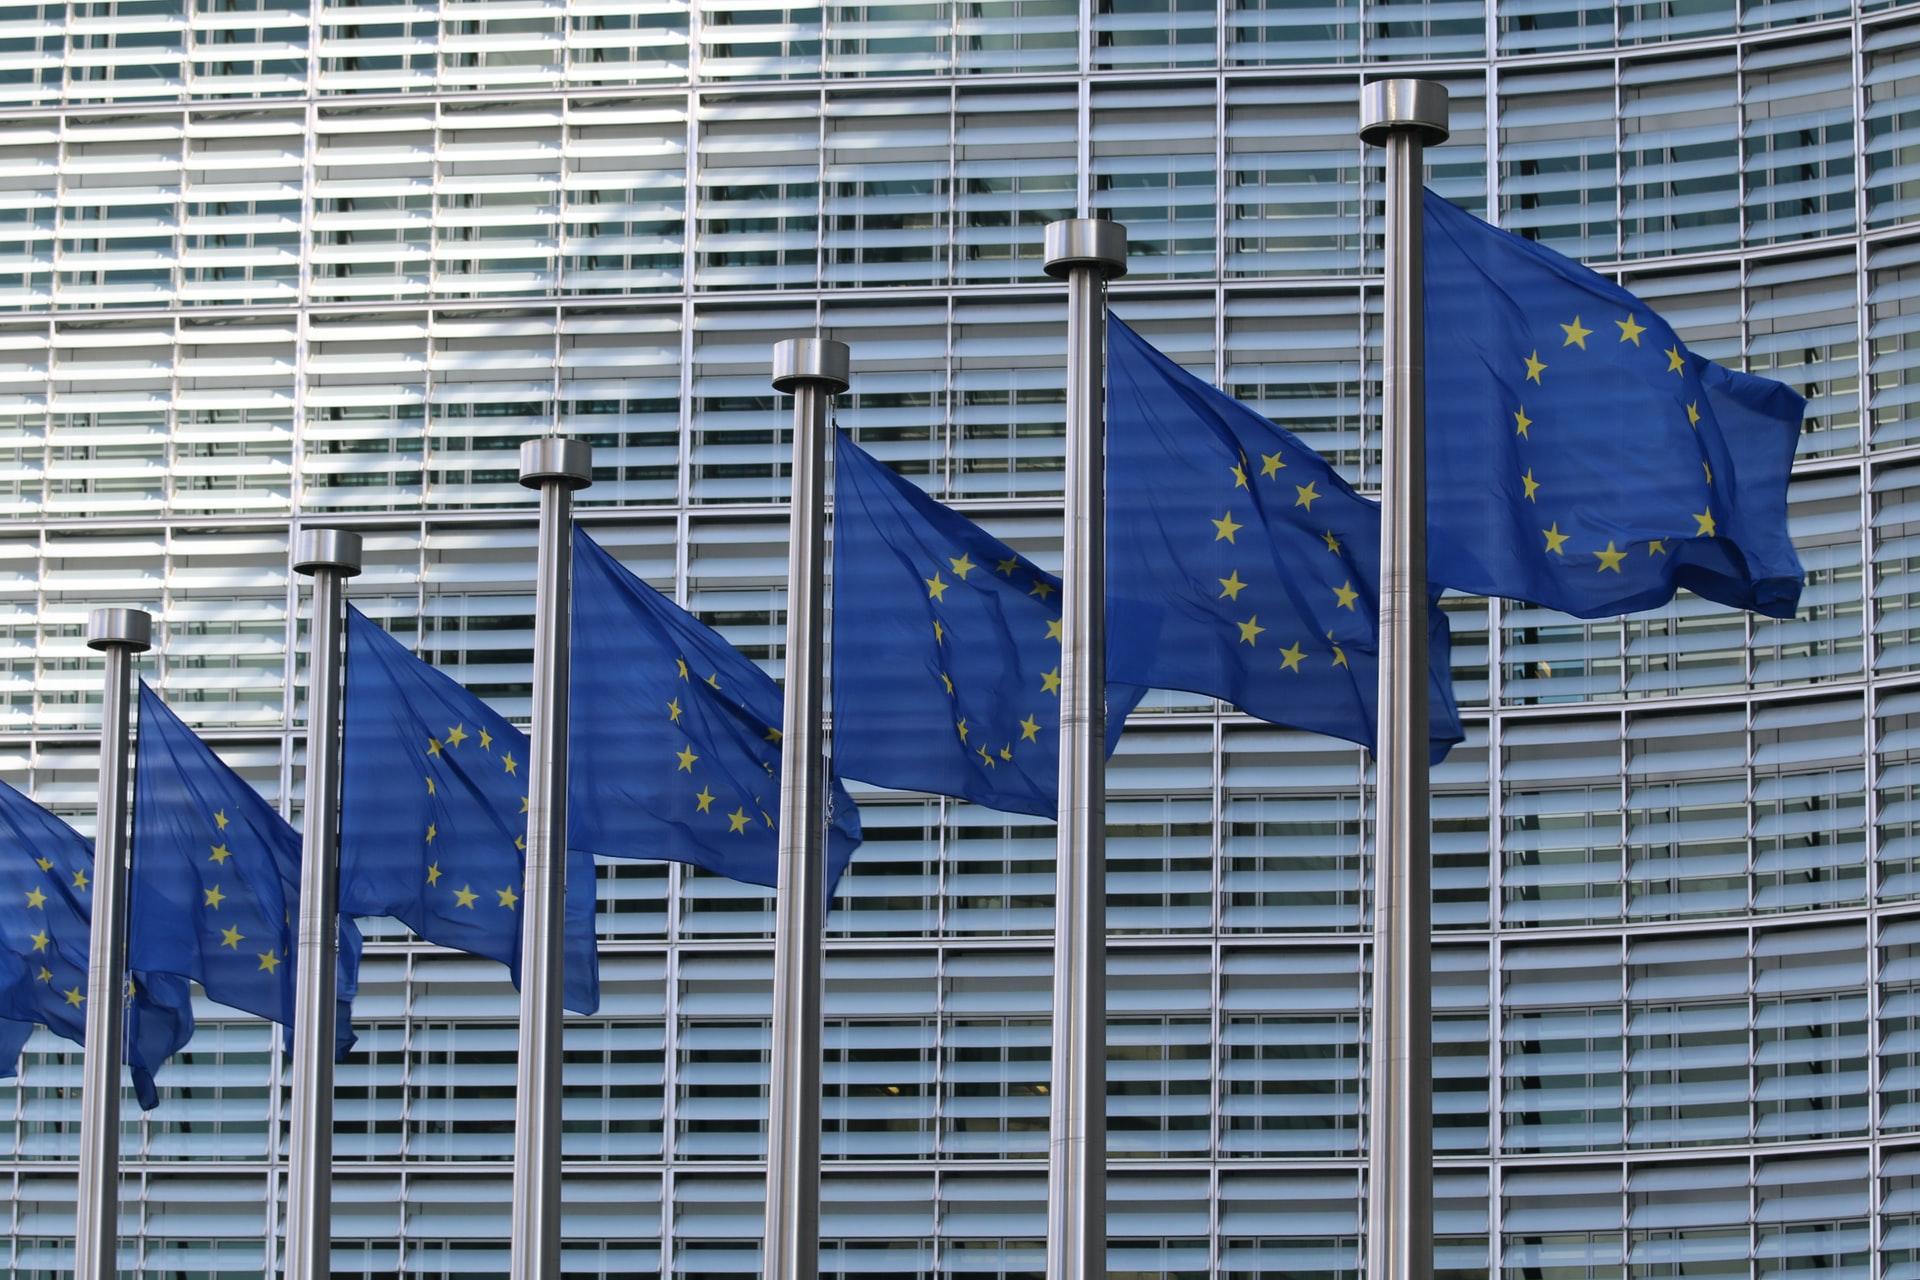 Prijelomna odluka Europske komisije: Zbog održivosti i želje birokrata da rade od kuće zatvaraju pola poslovnih zgrada